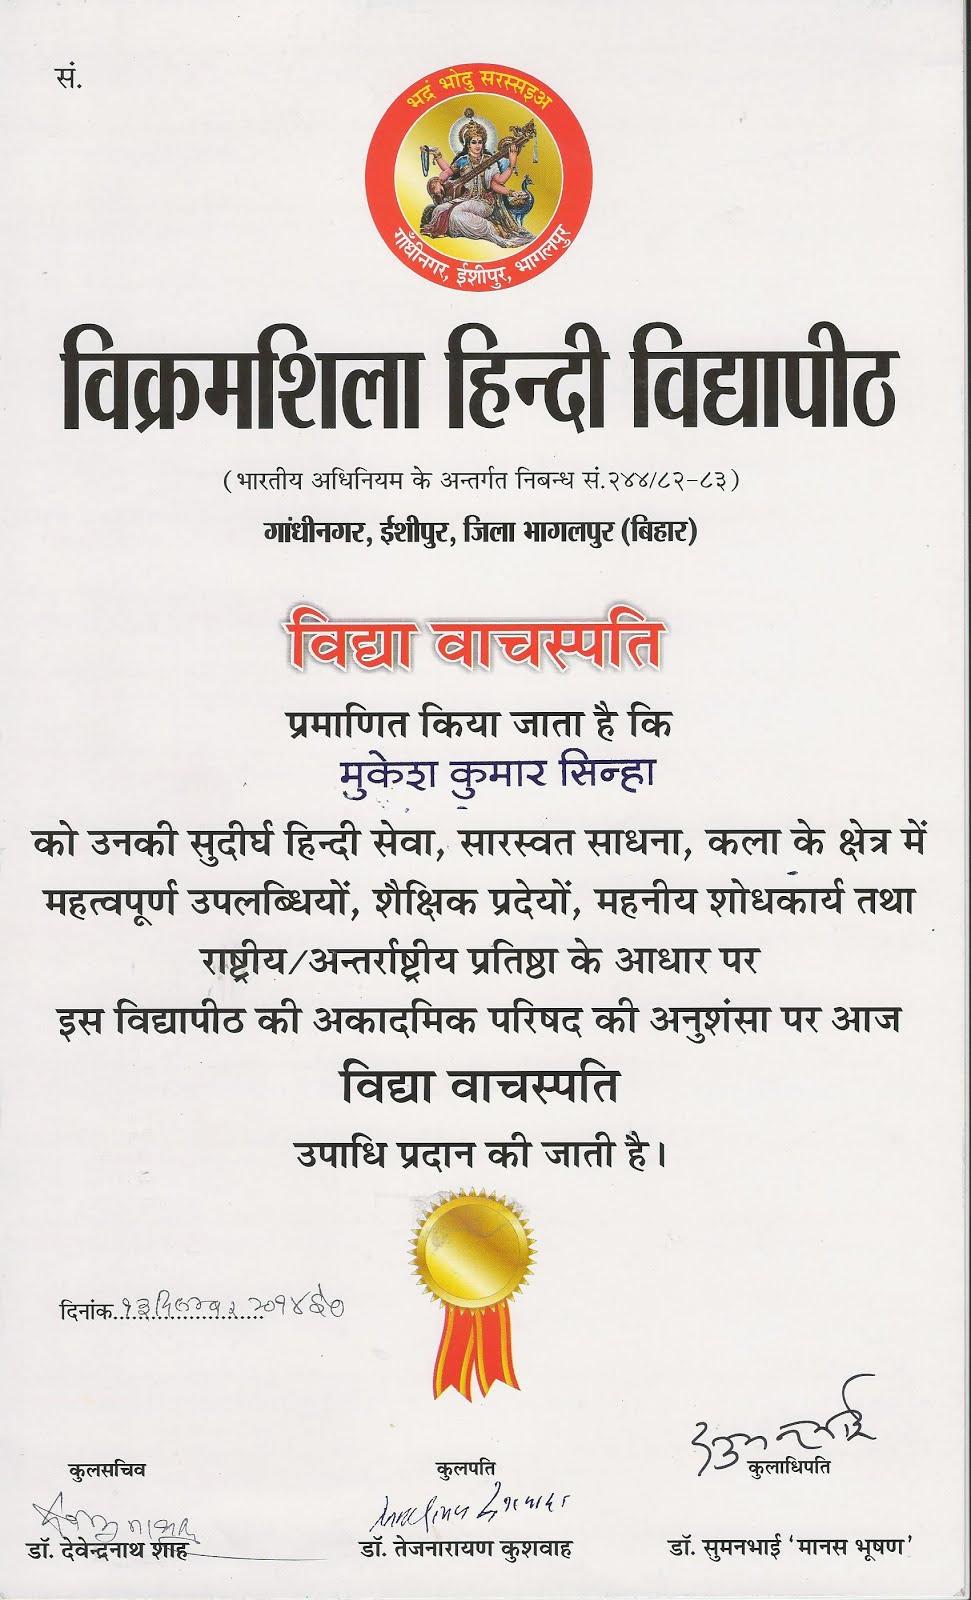 उज्जैन में विक्रमशिला हिंदी विद्यापीठ, भागलपुर की ओर से  'विद्या वाचस्पति' प्रदान किया गया